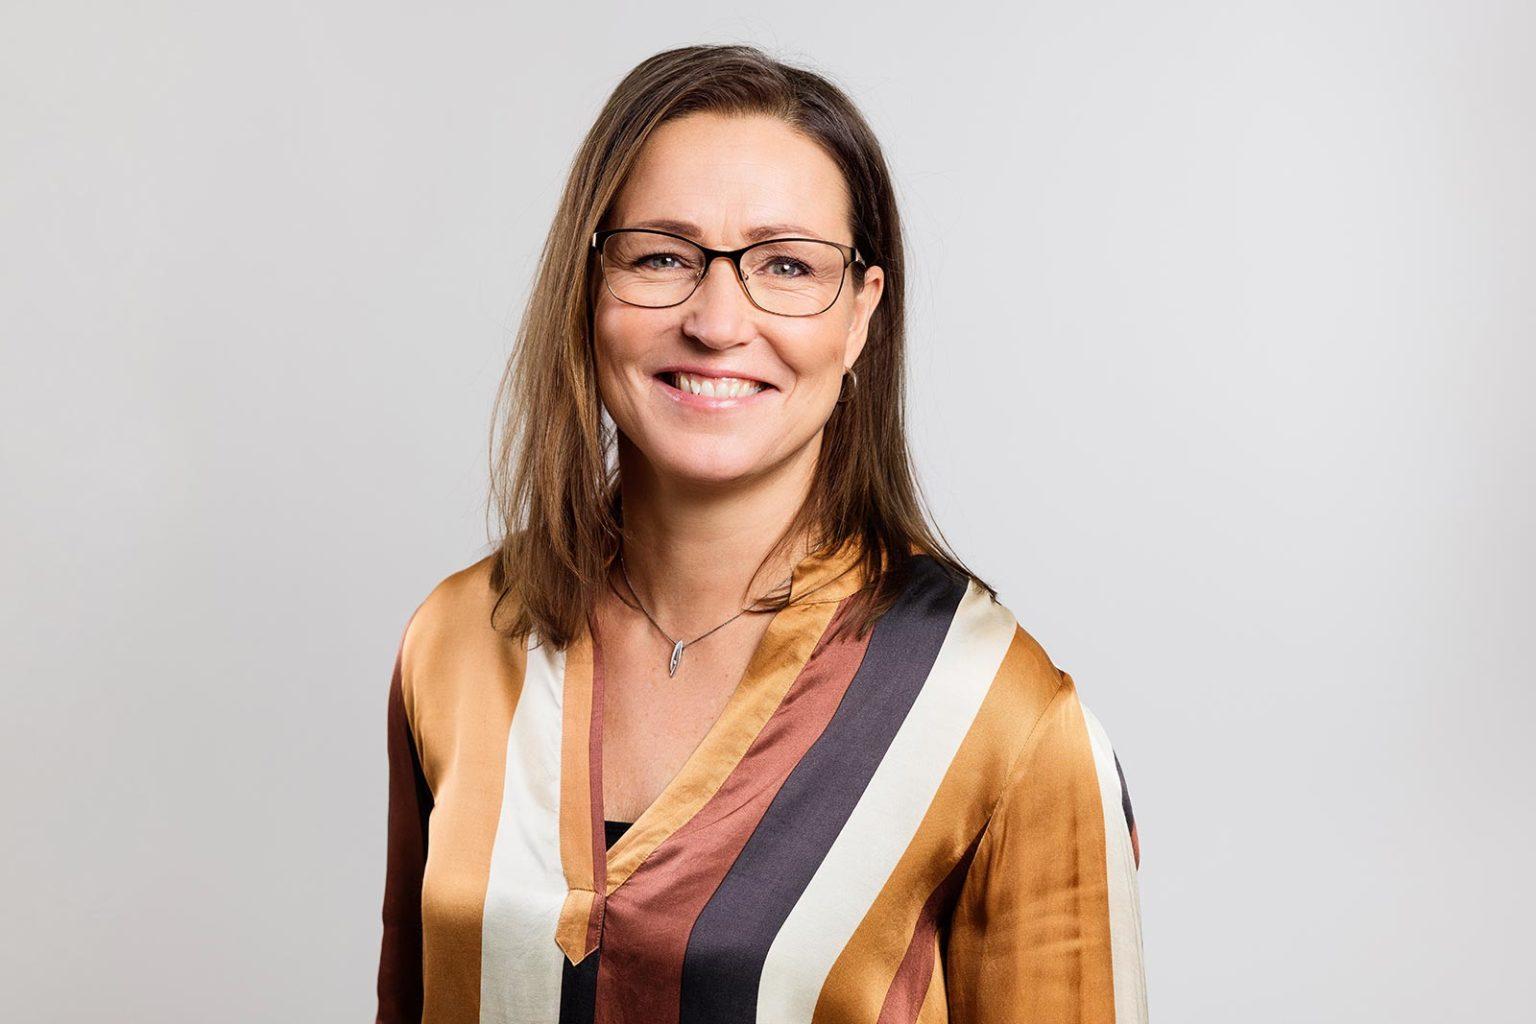 Solid Utvikling – Susann Goksør Bjerkrheim